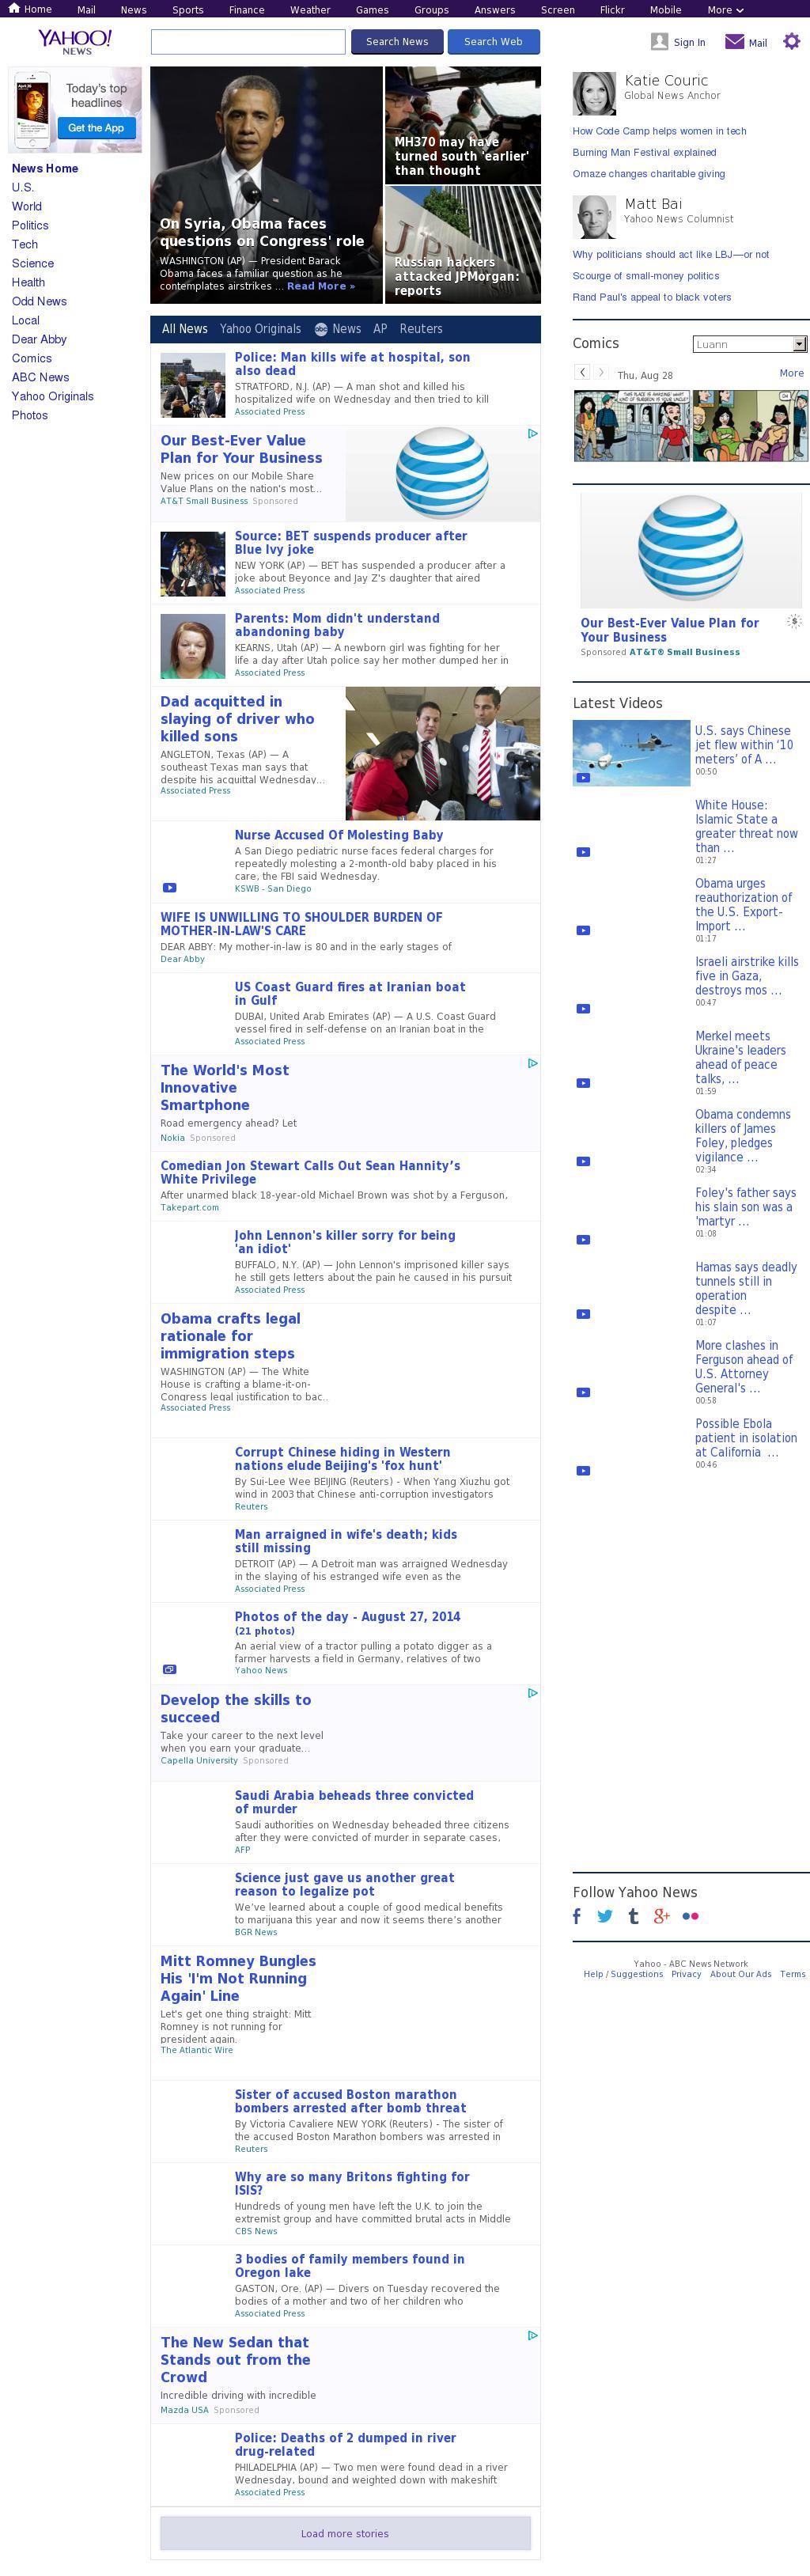 Yahoo! News at Thursday Aug. 28, 2014, 7:22 a.m. UTC